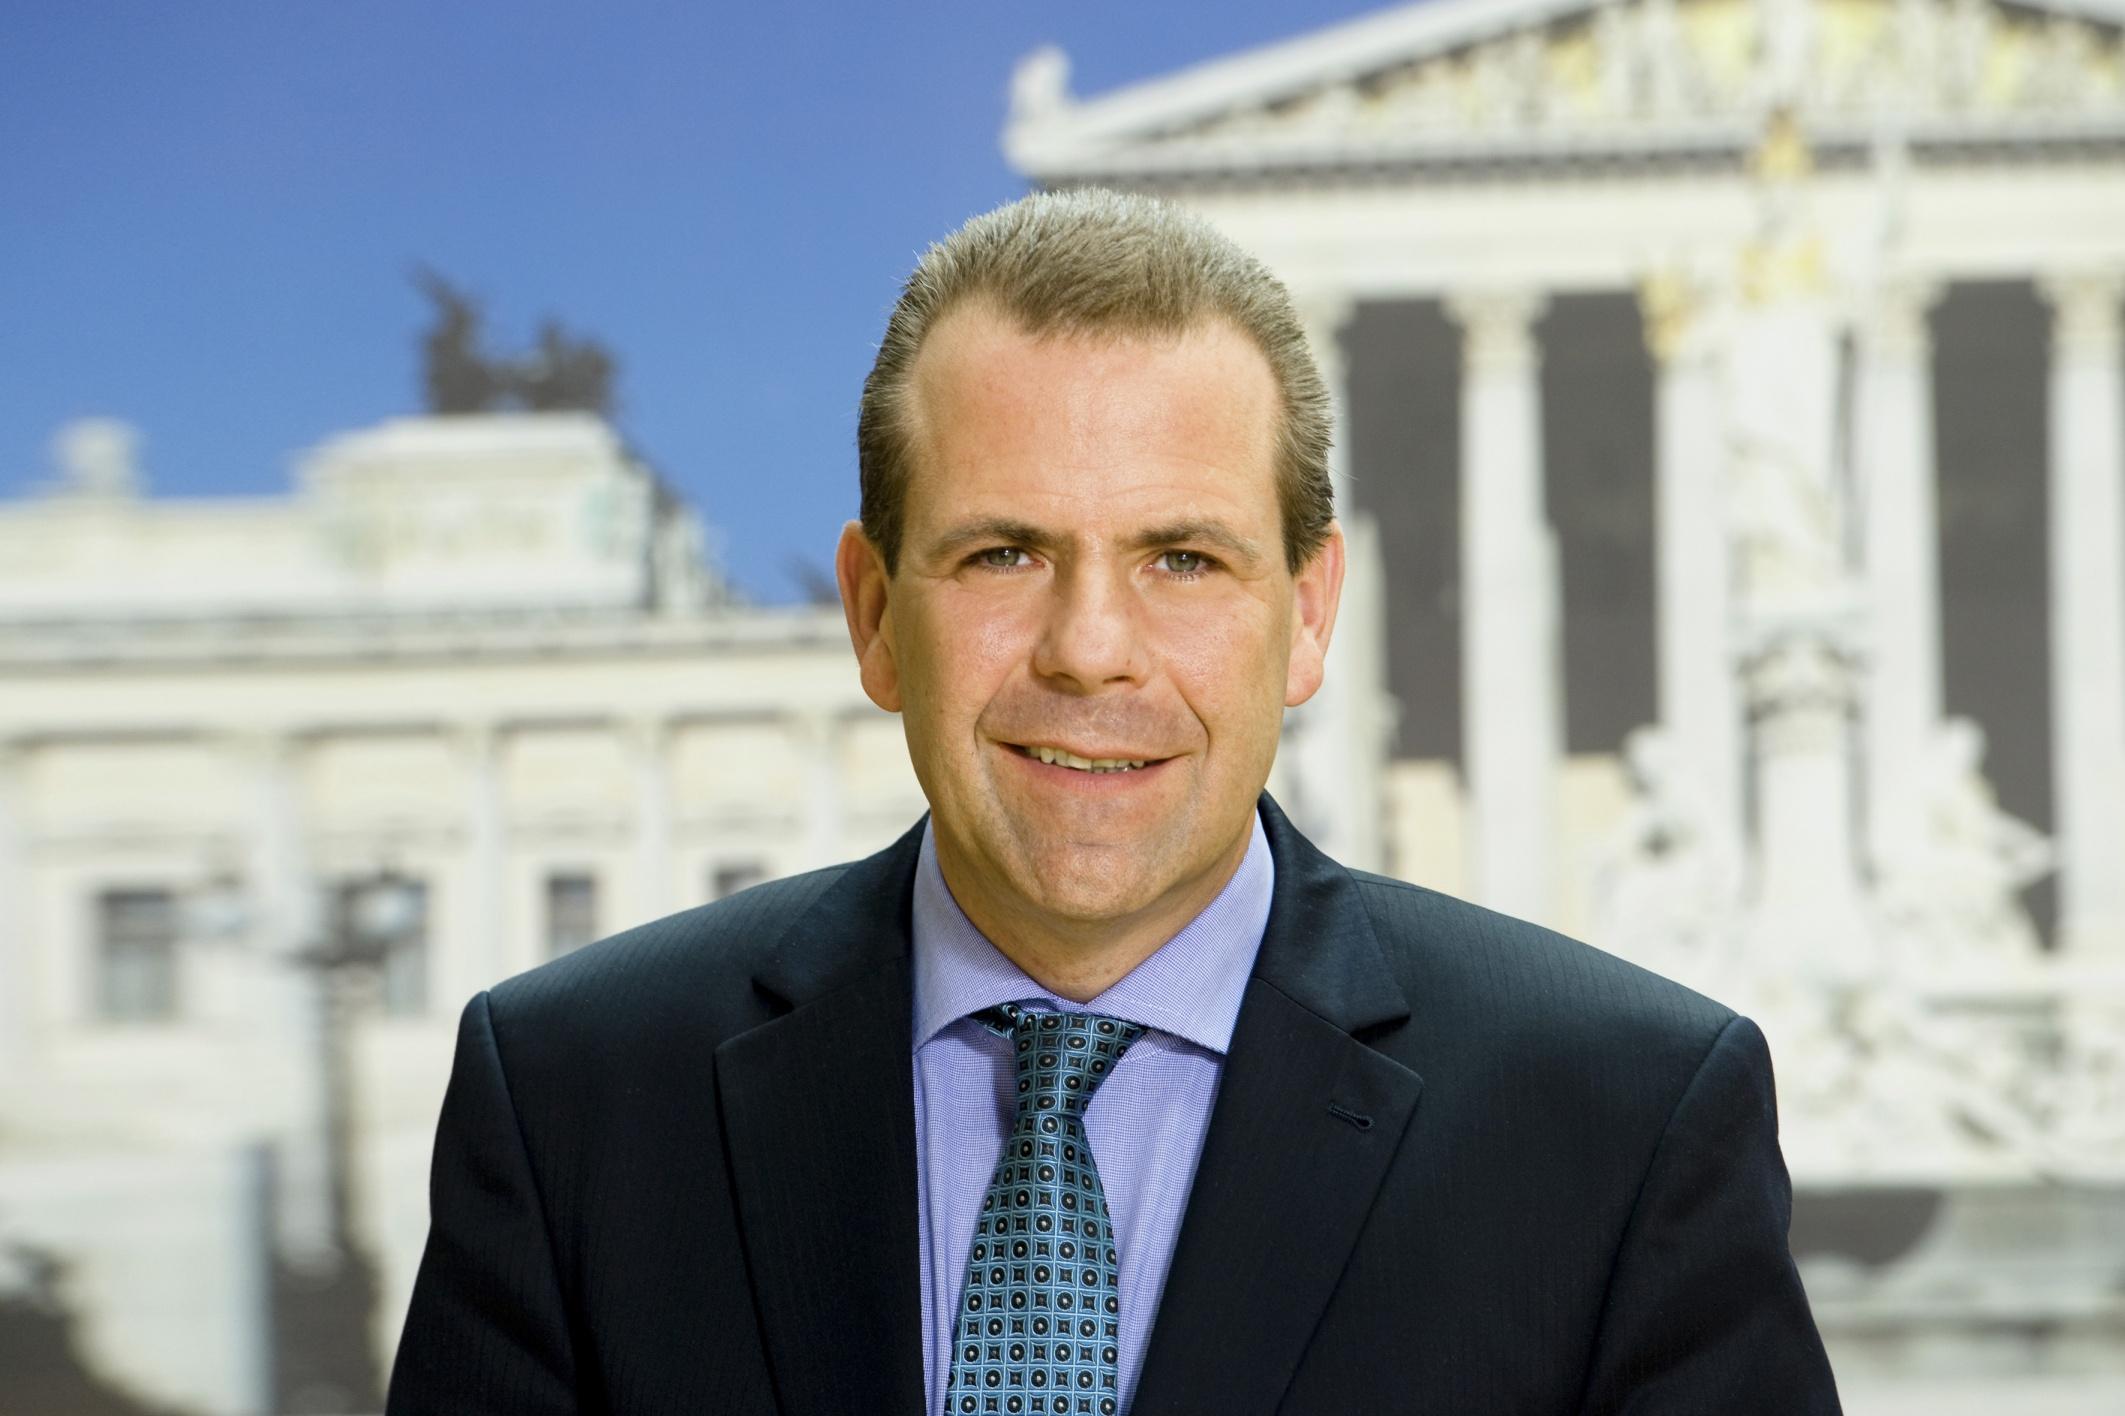 Er sucht Sie Strasburg/Uckermark | Mann sucht Frau | Single